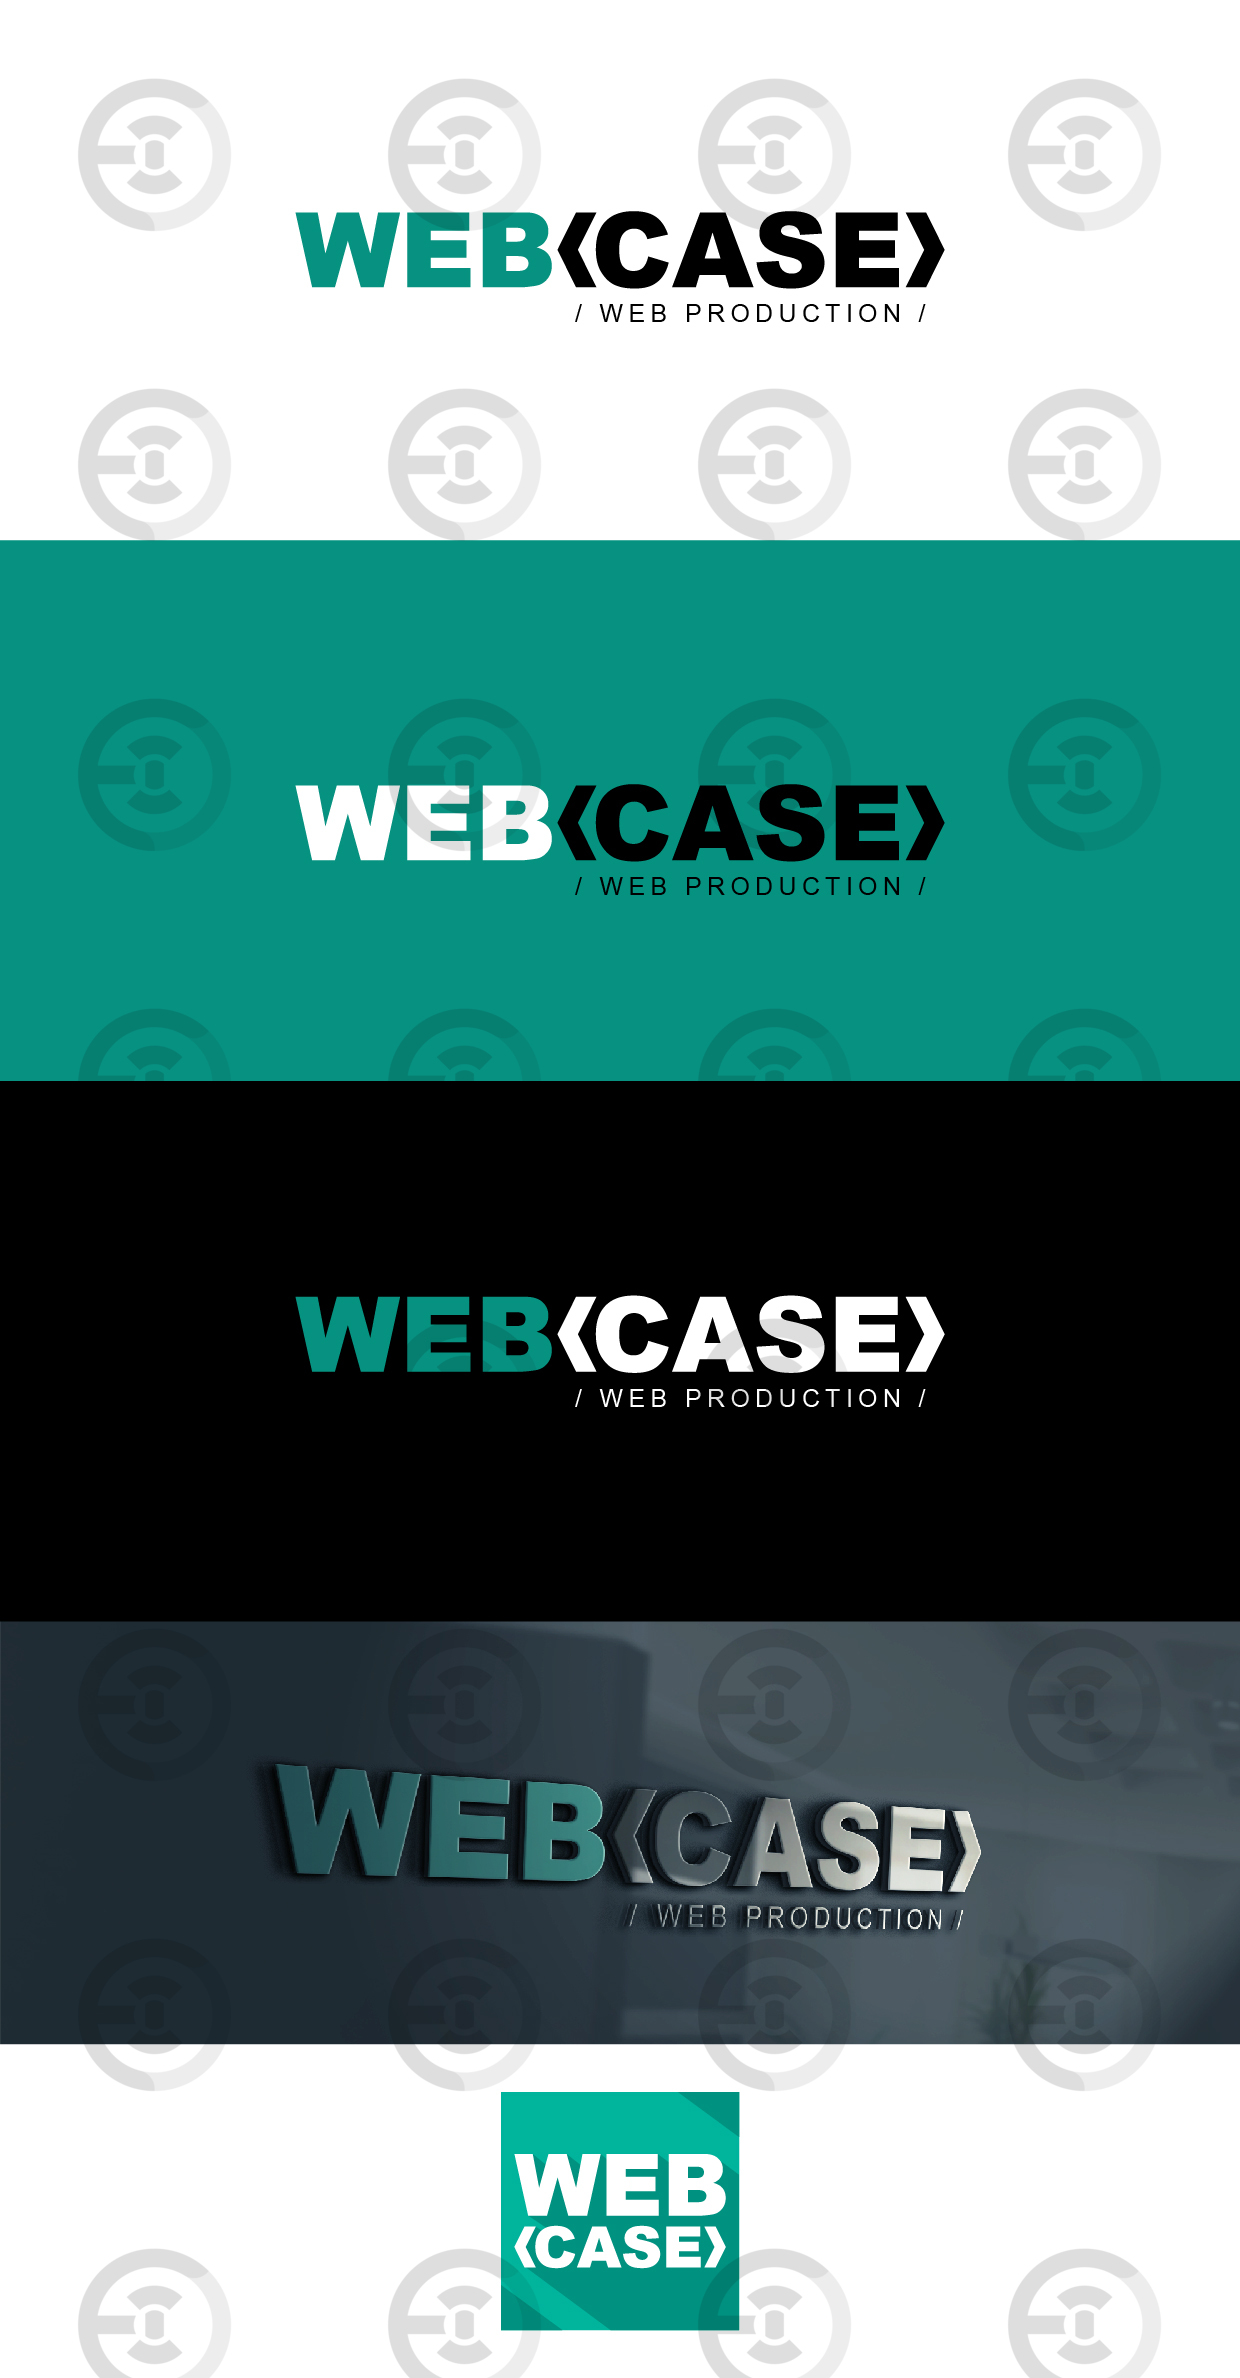 WEBB-01.jpg